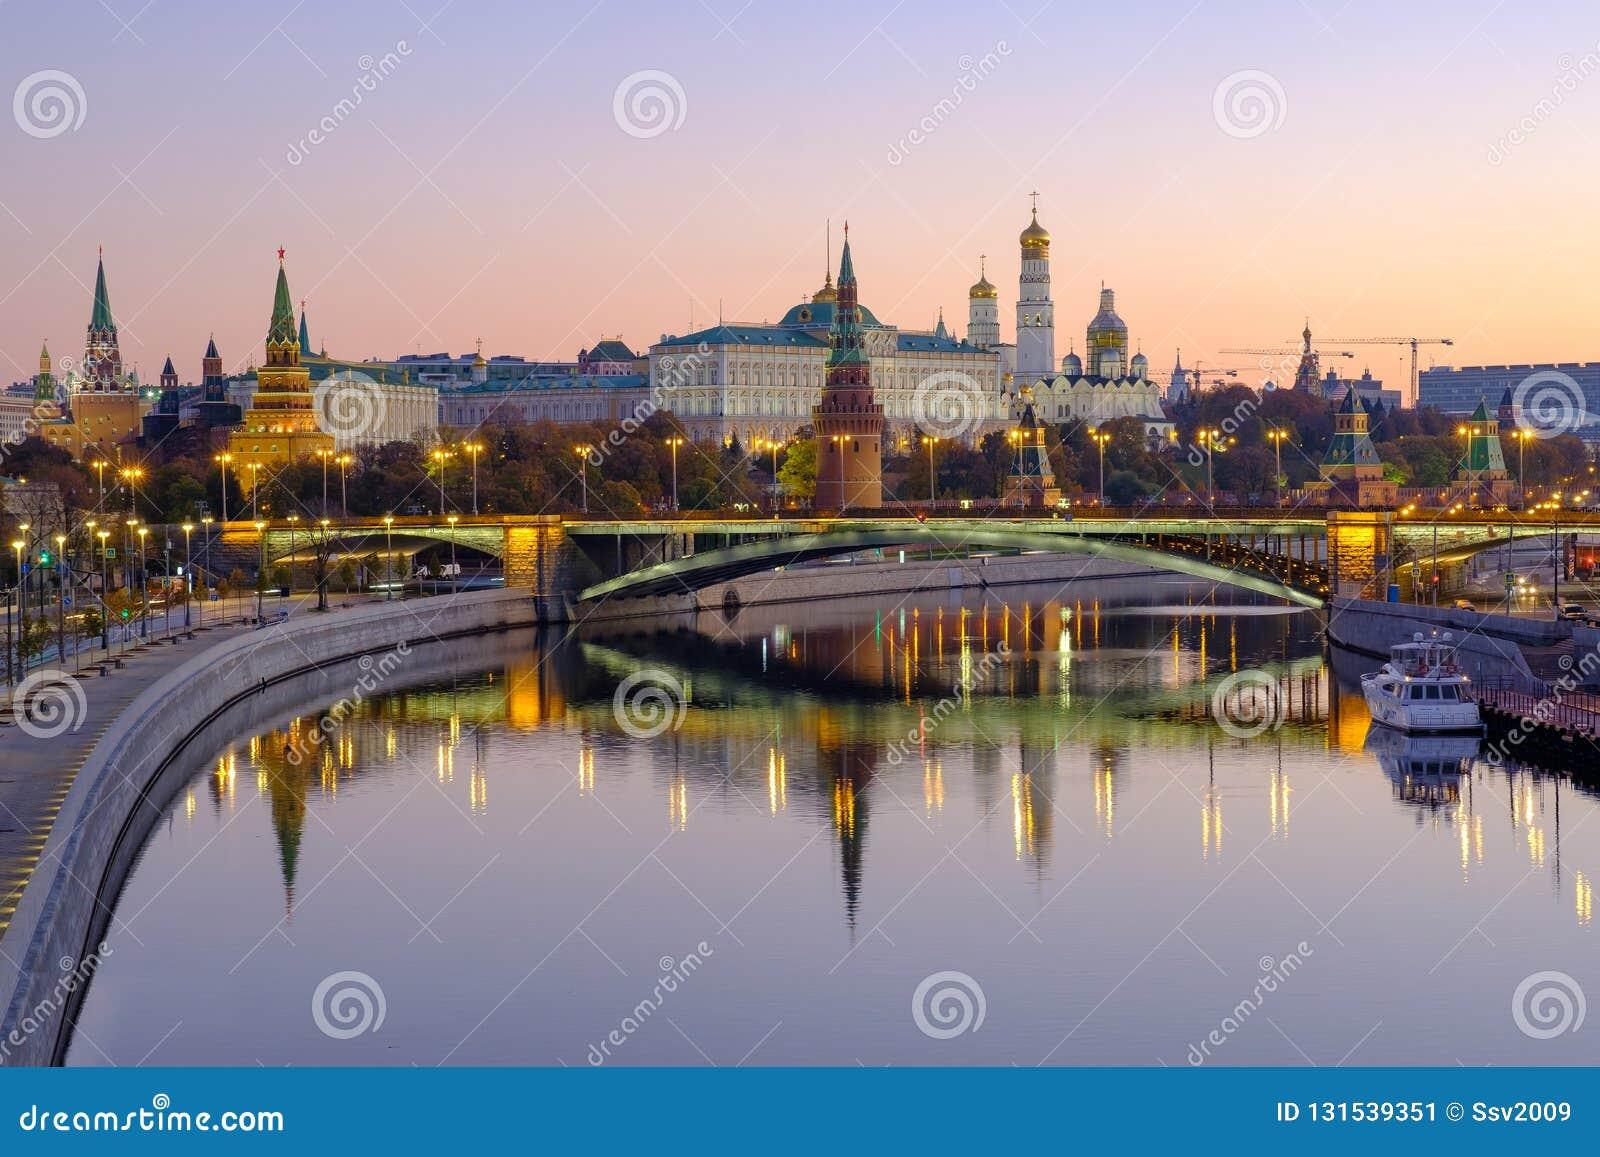 Paisagem da cidade da manhã com vista no Kremlin de Moscou e reflexões na água do rio